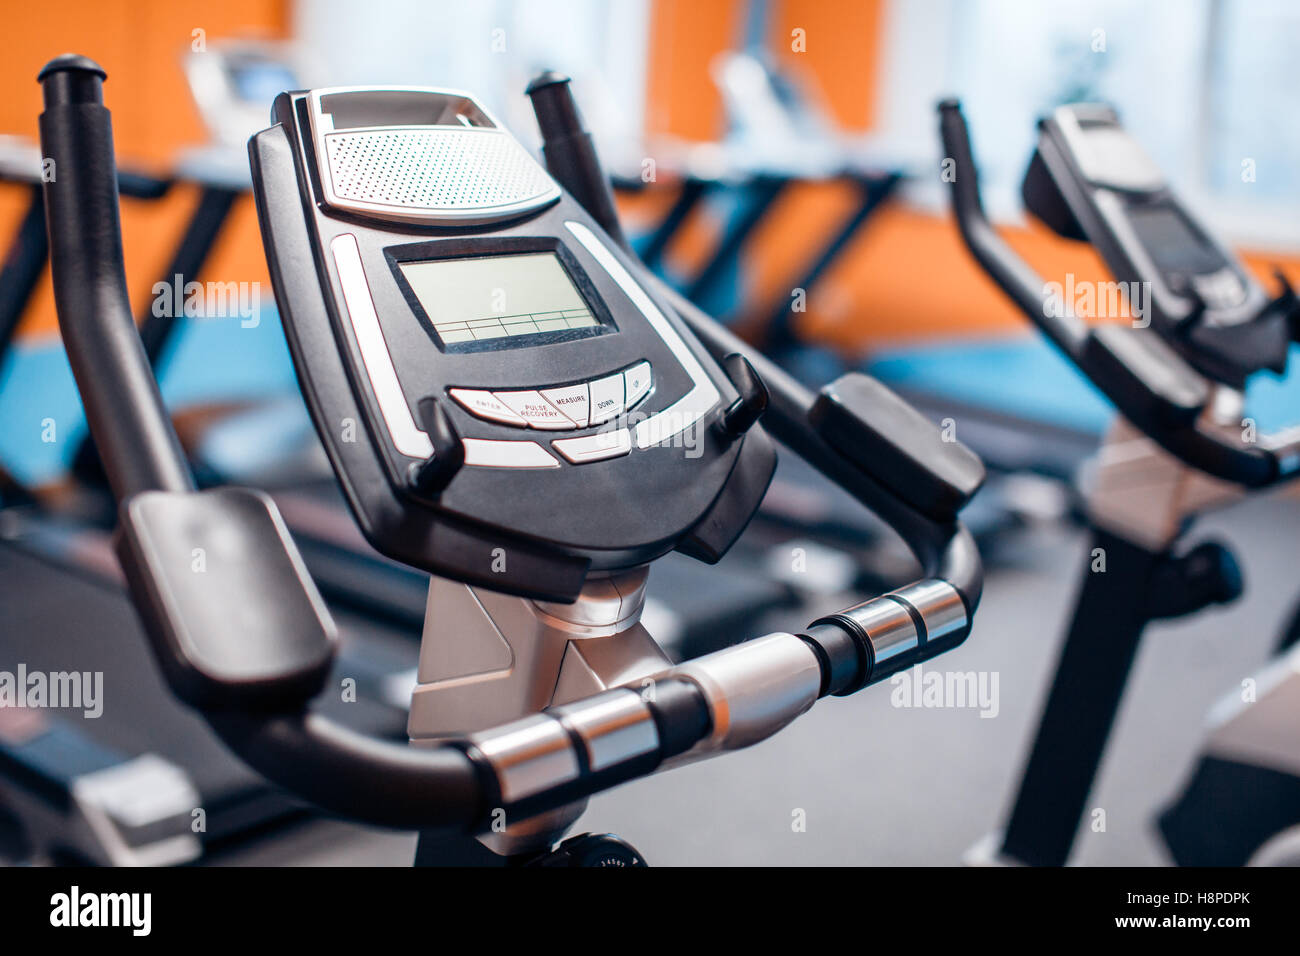 Aeróbica spinning bicicletas de exercício sala de ginástica com muitos em uma linha Imagens de Stock